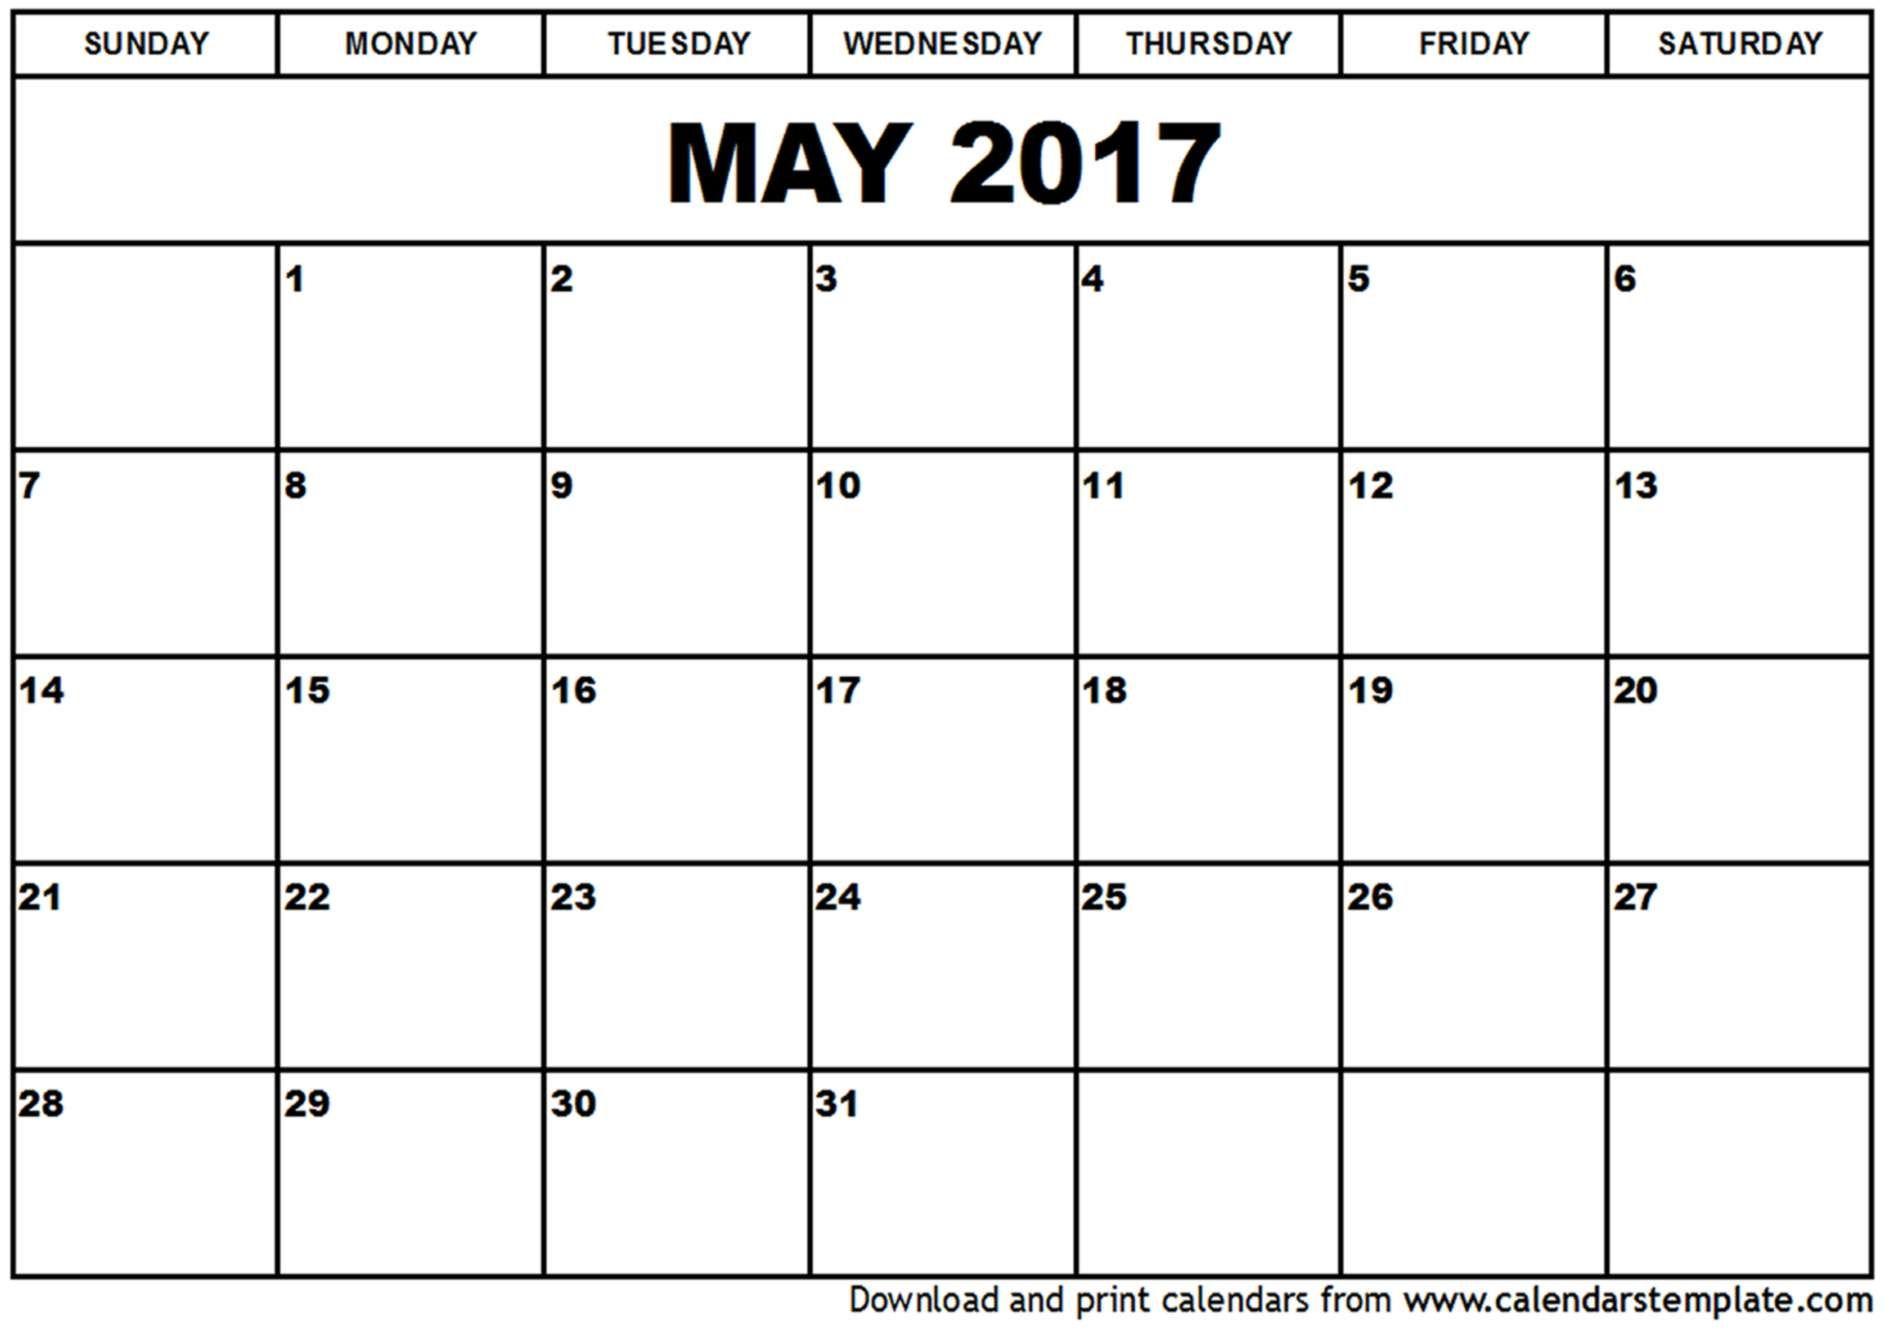 May 2017 calendar template | Organization Ideas | Pinterest ...